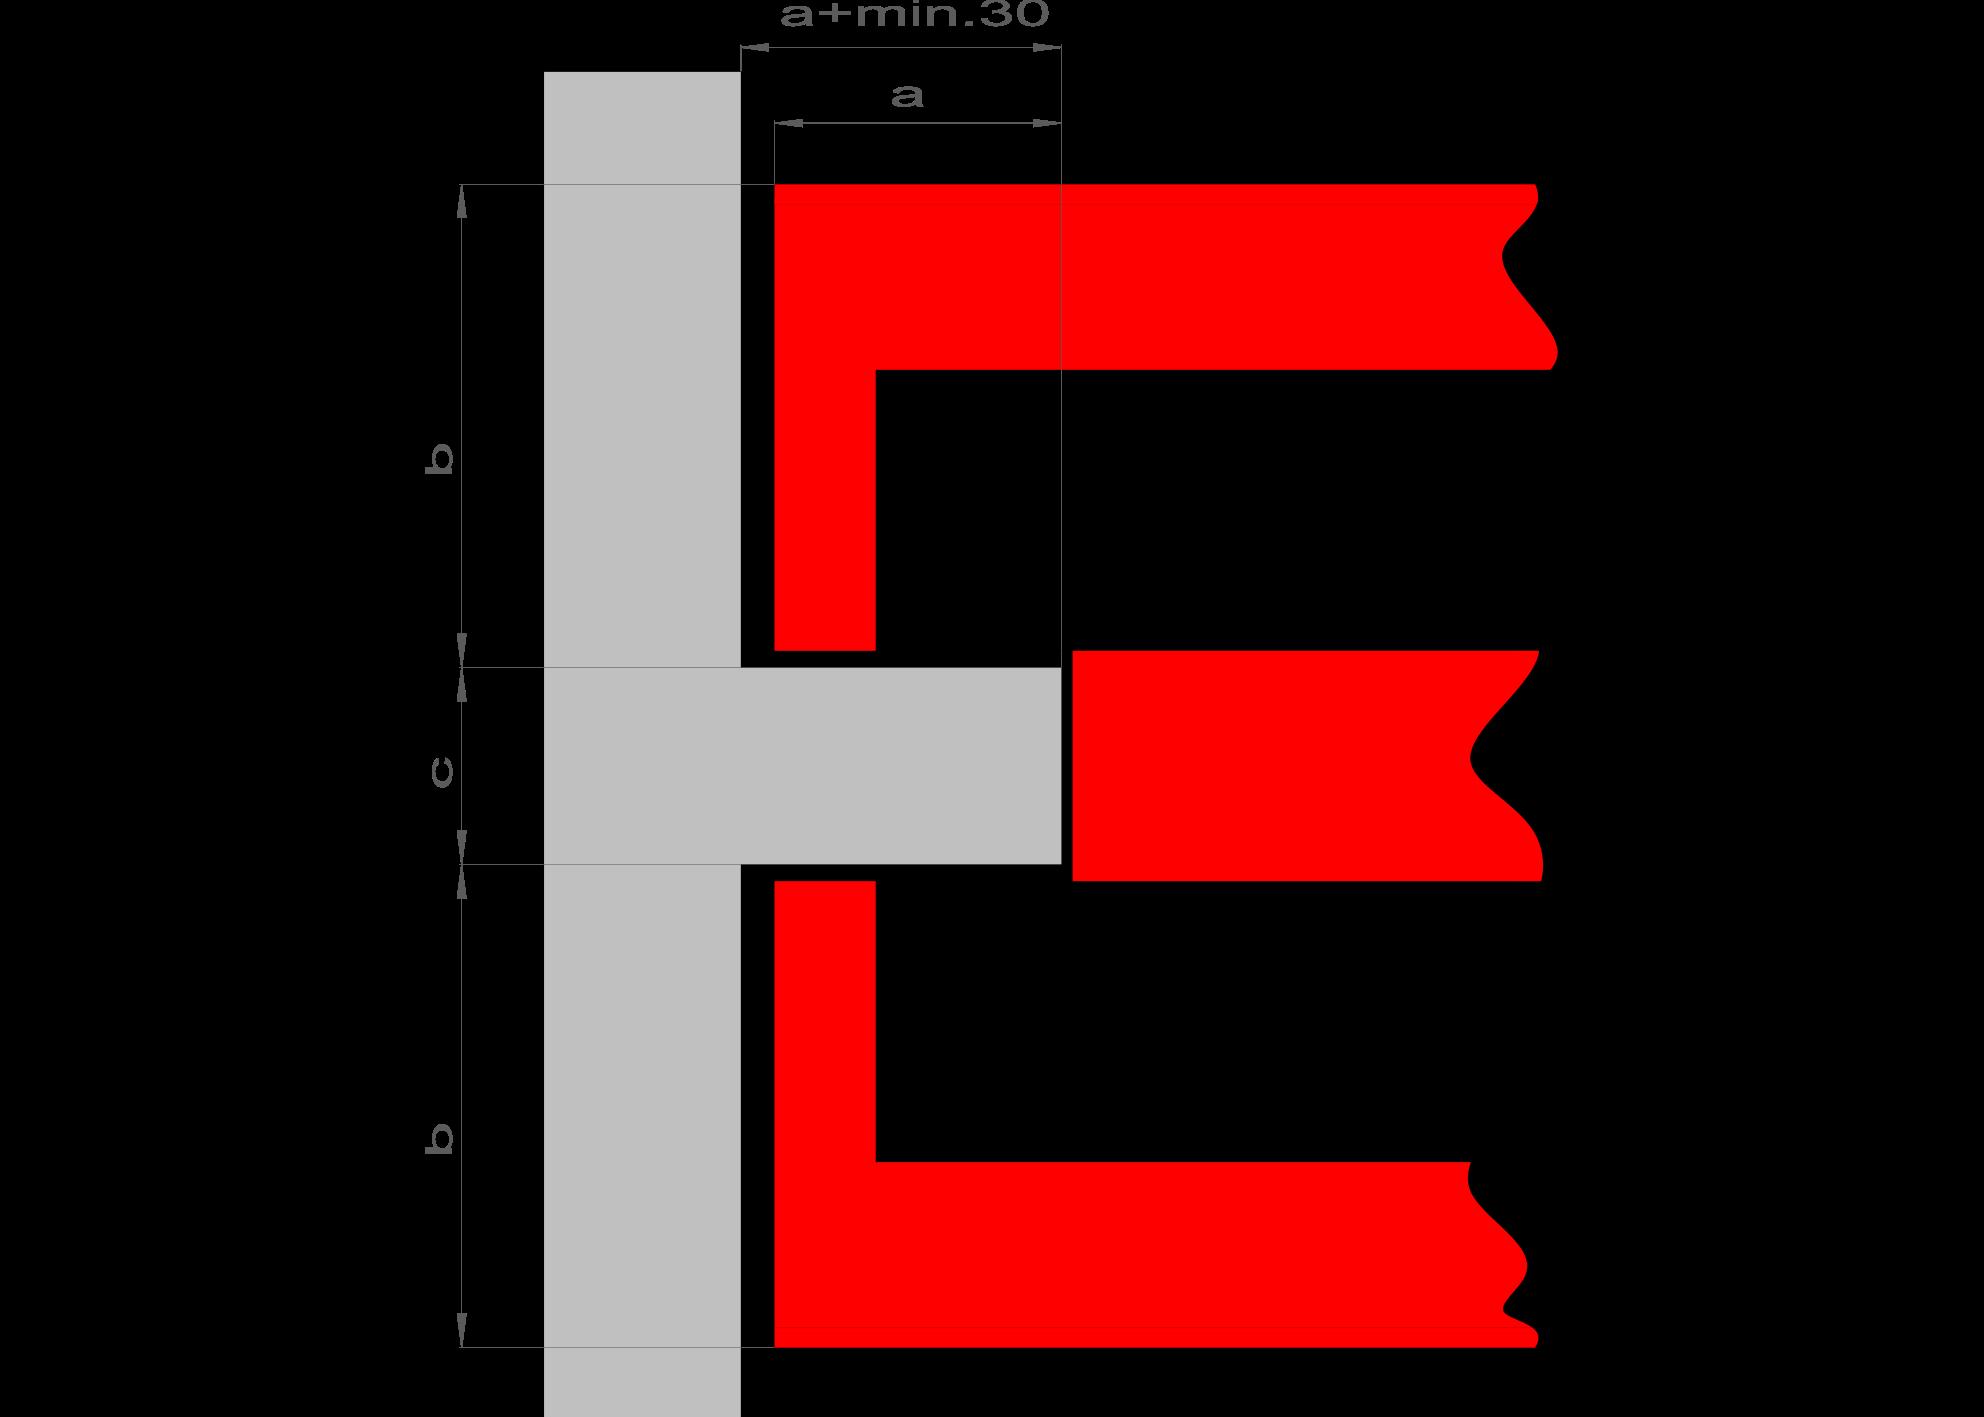 """{""""a"""":""""255 mm"""",""""b"""":""""430 mm"""",""""c"""":""""≥ 175 mm""""}"""